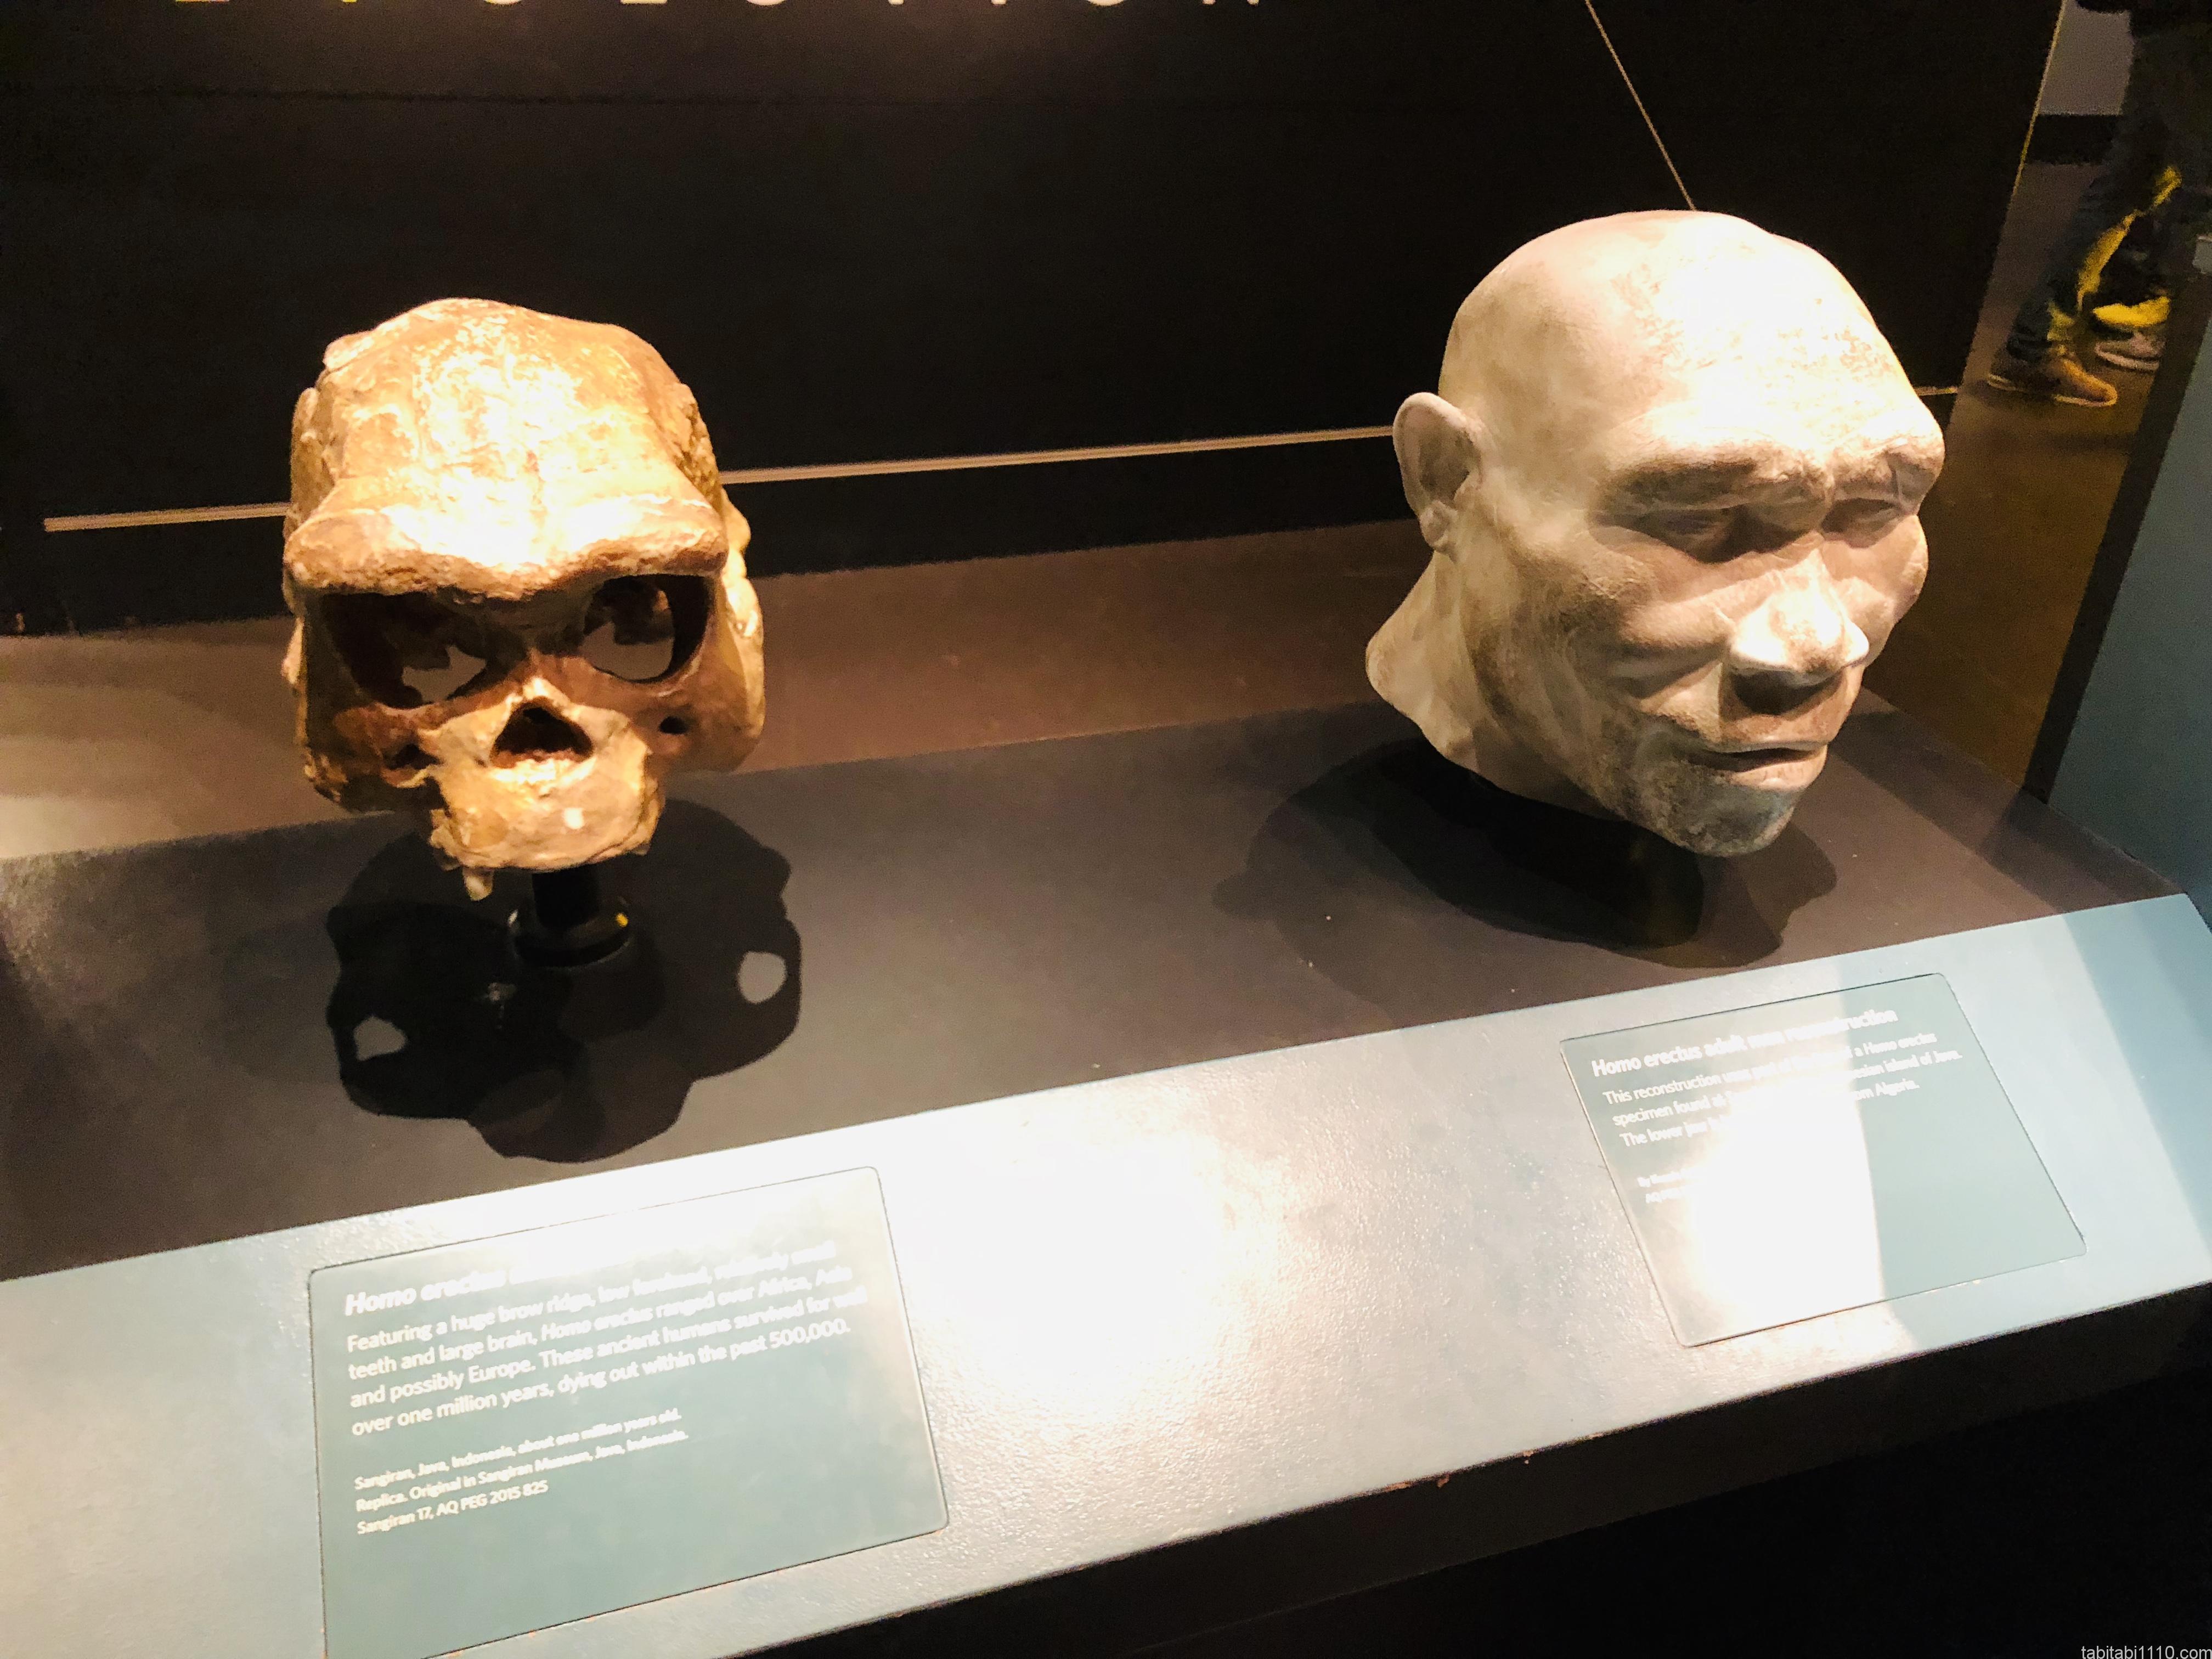 自然史博物館|ホモエレクタス